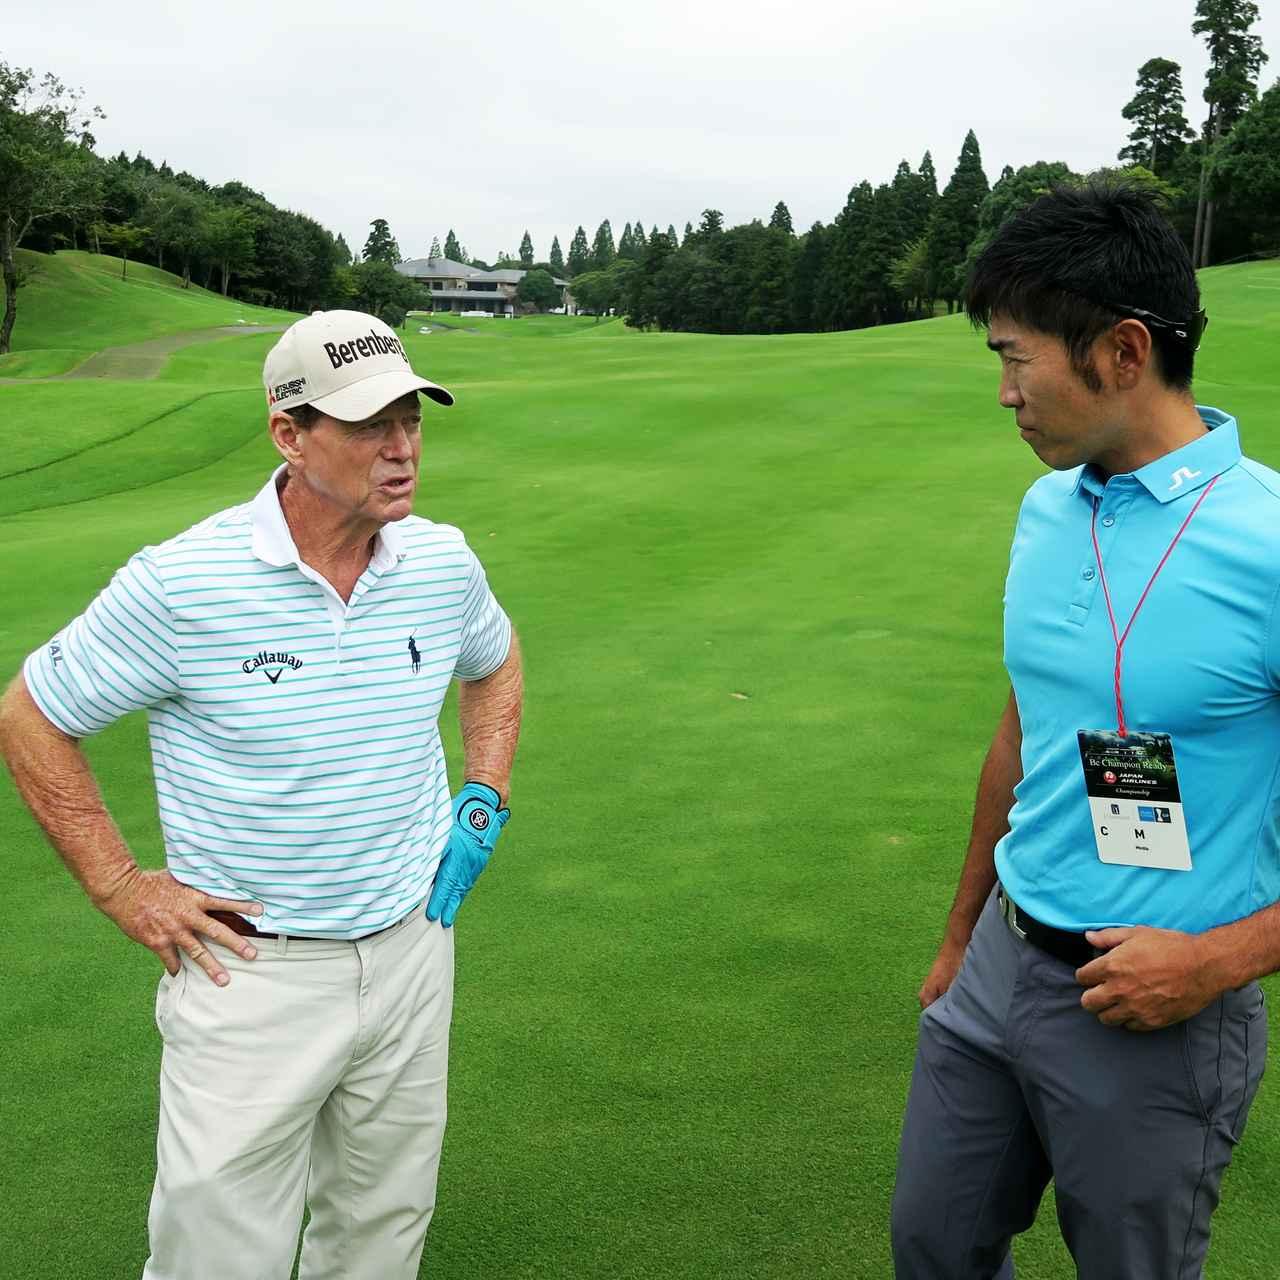 画像: 来日中のトム・ワトソンに直撃取材! 「どうすれば上手くなれますか?」 - みんなのゴルフダイジェスト